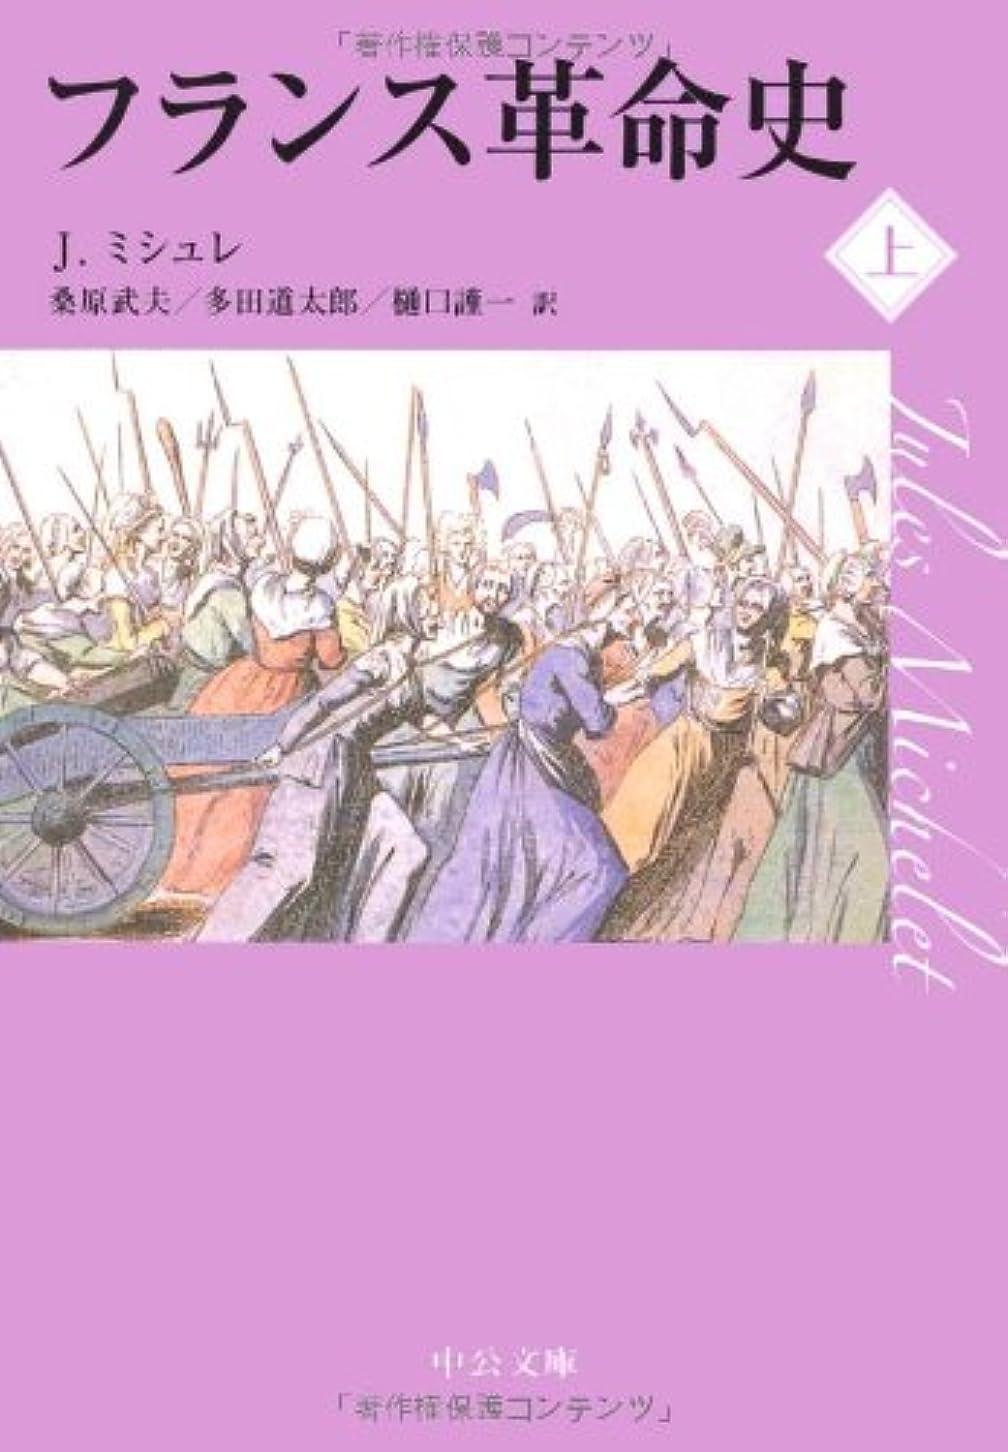 大混乱スライム強度フランス革命史〈上〉 (中公文庫)